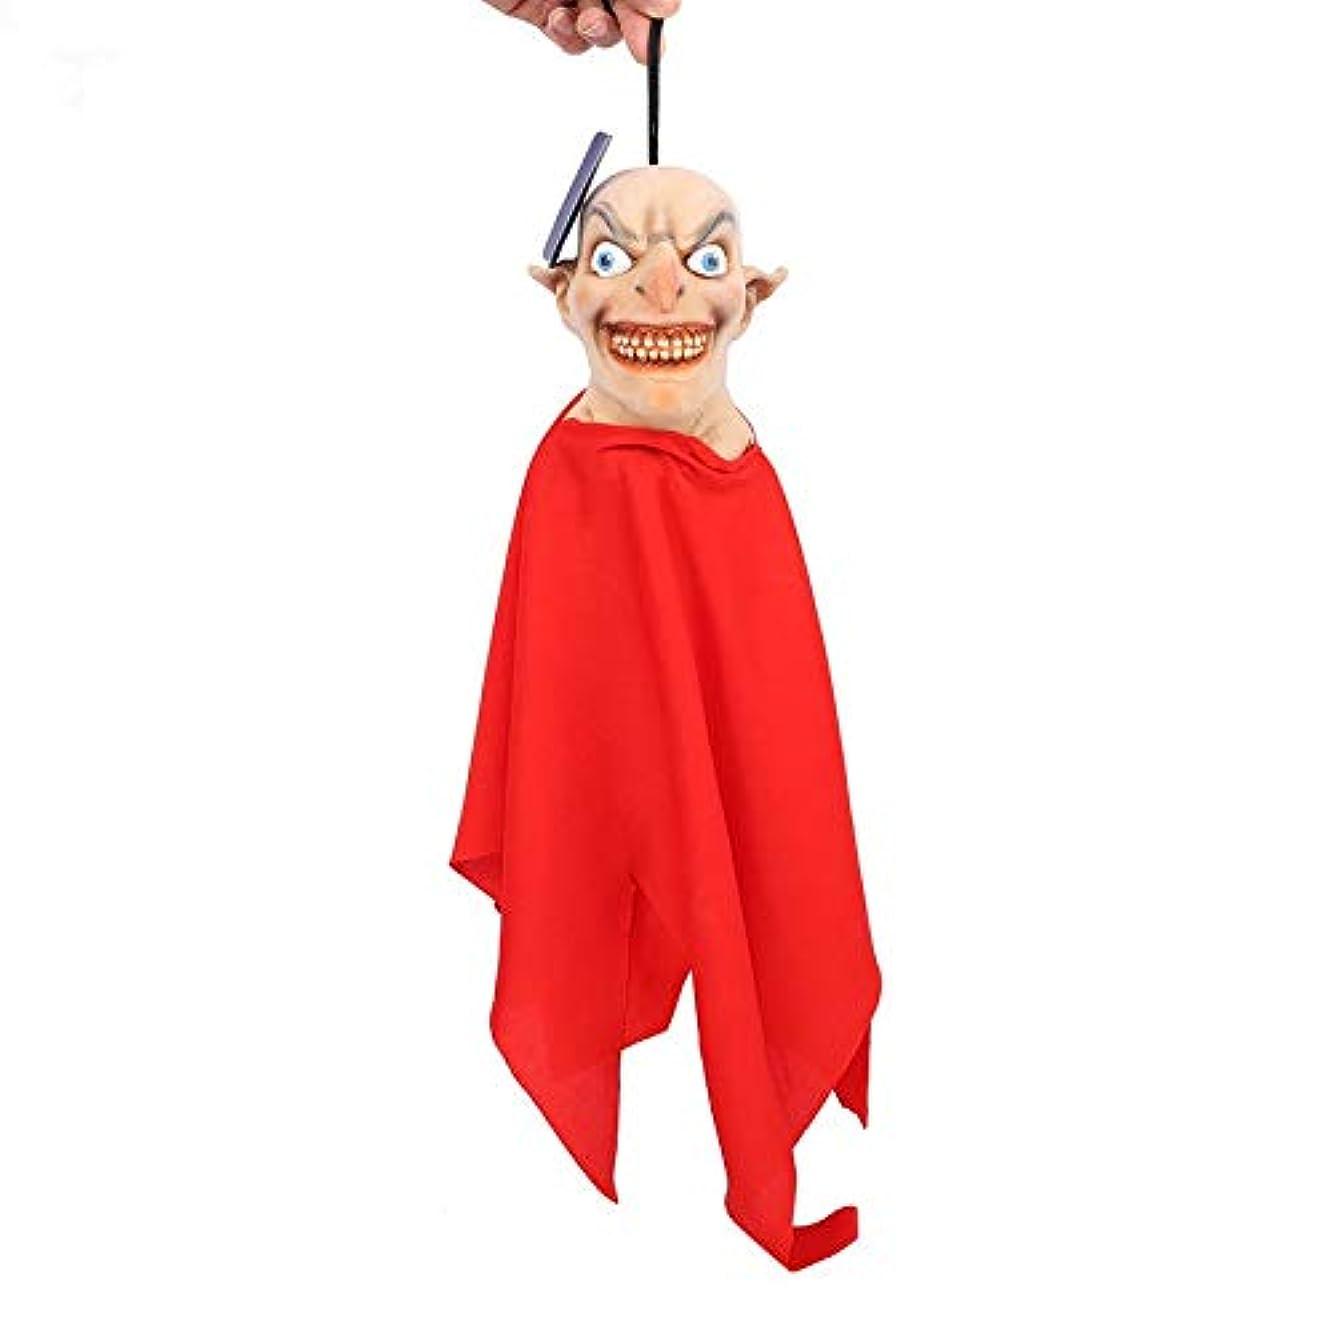 オークランド最初励起ハロウィーンホラーの小道具お化け屋敷バー装飾なりすましホールスリラー小道具ハロウィーンスライ怖い装飾品-多色赤ゾンビ